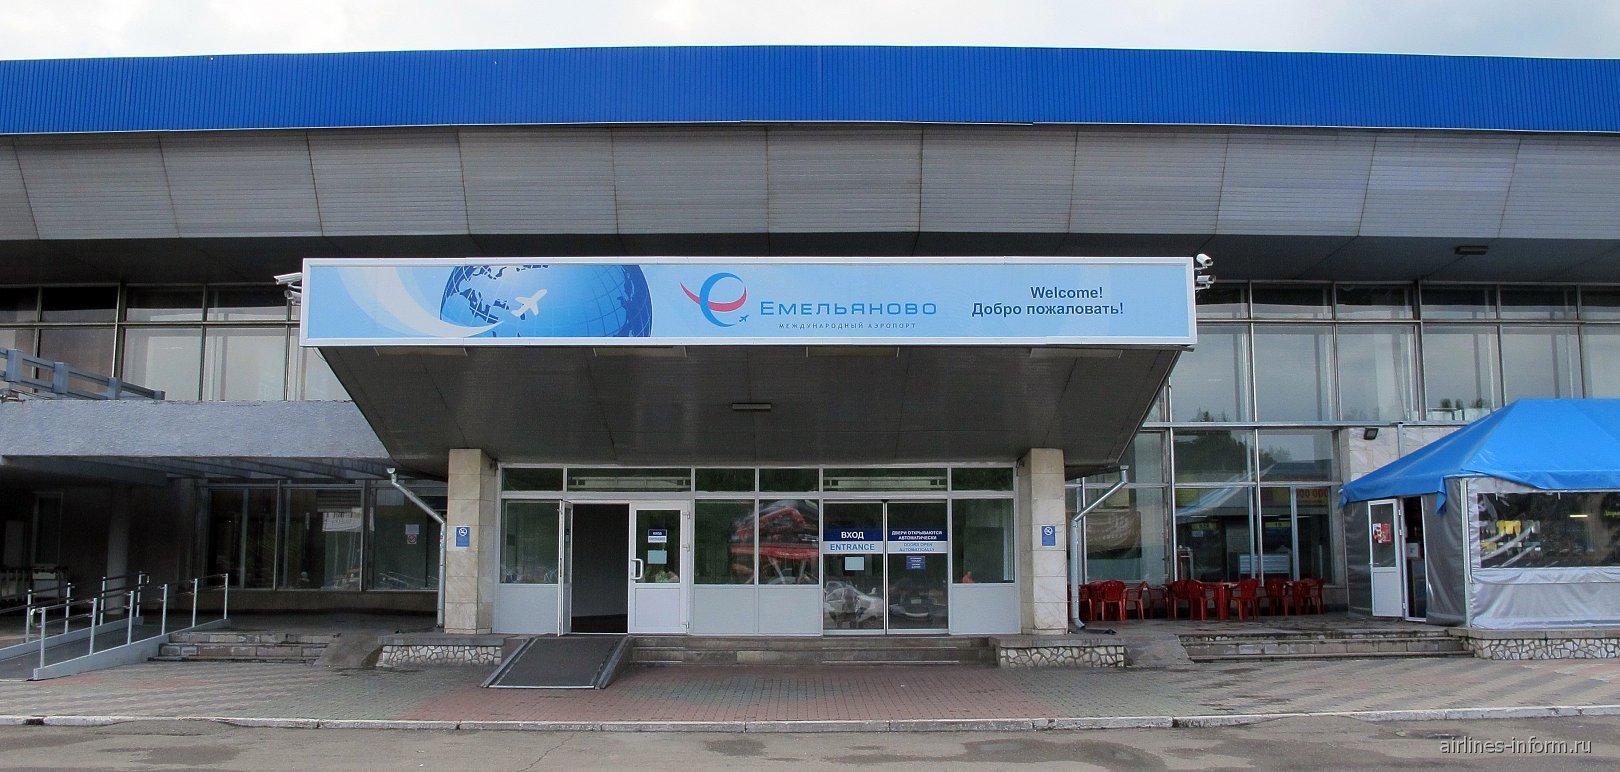 Вход в аэровокзал аэропорта Красноярск Емельяново